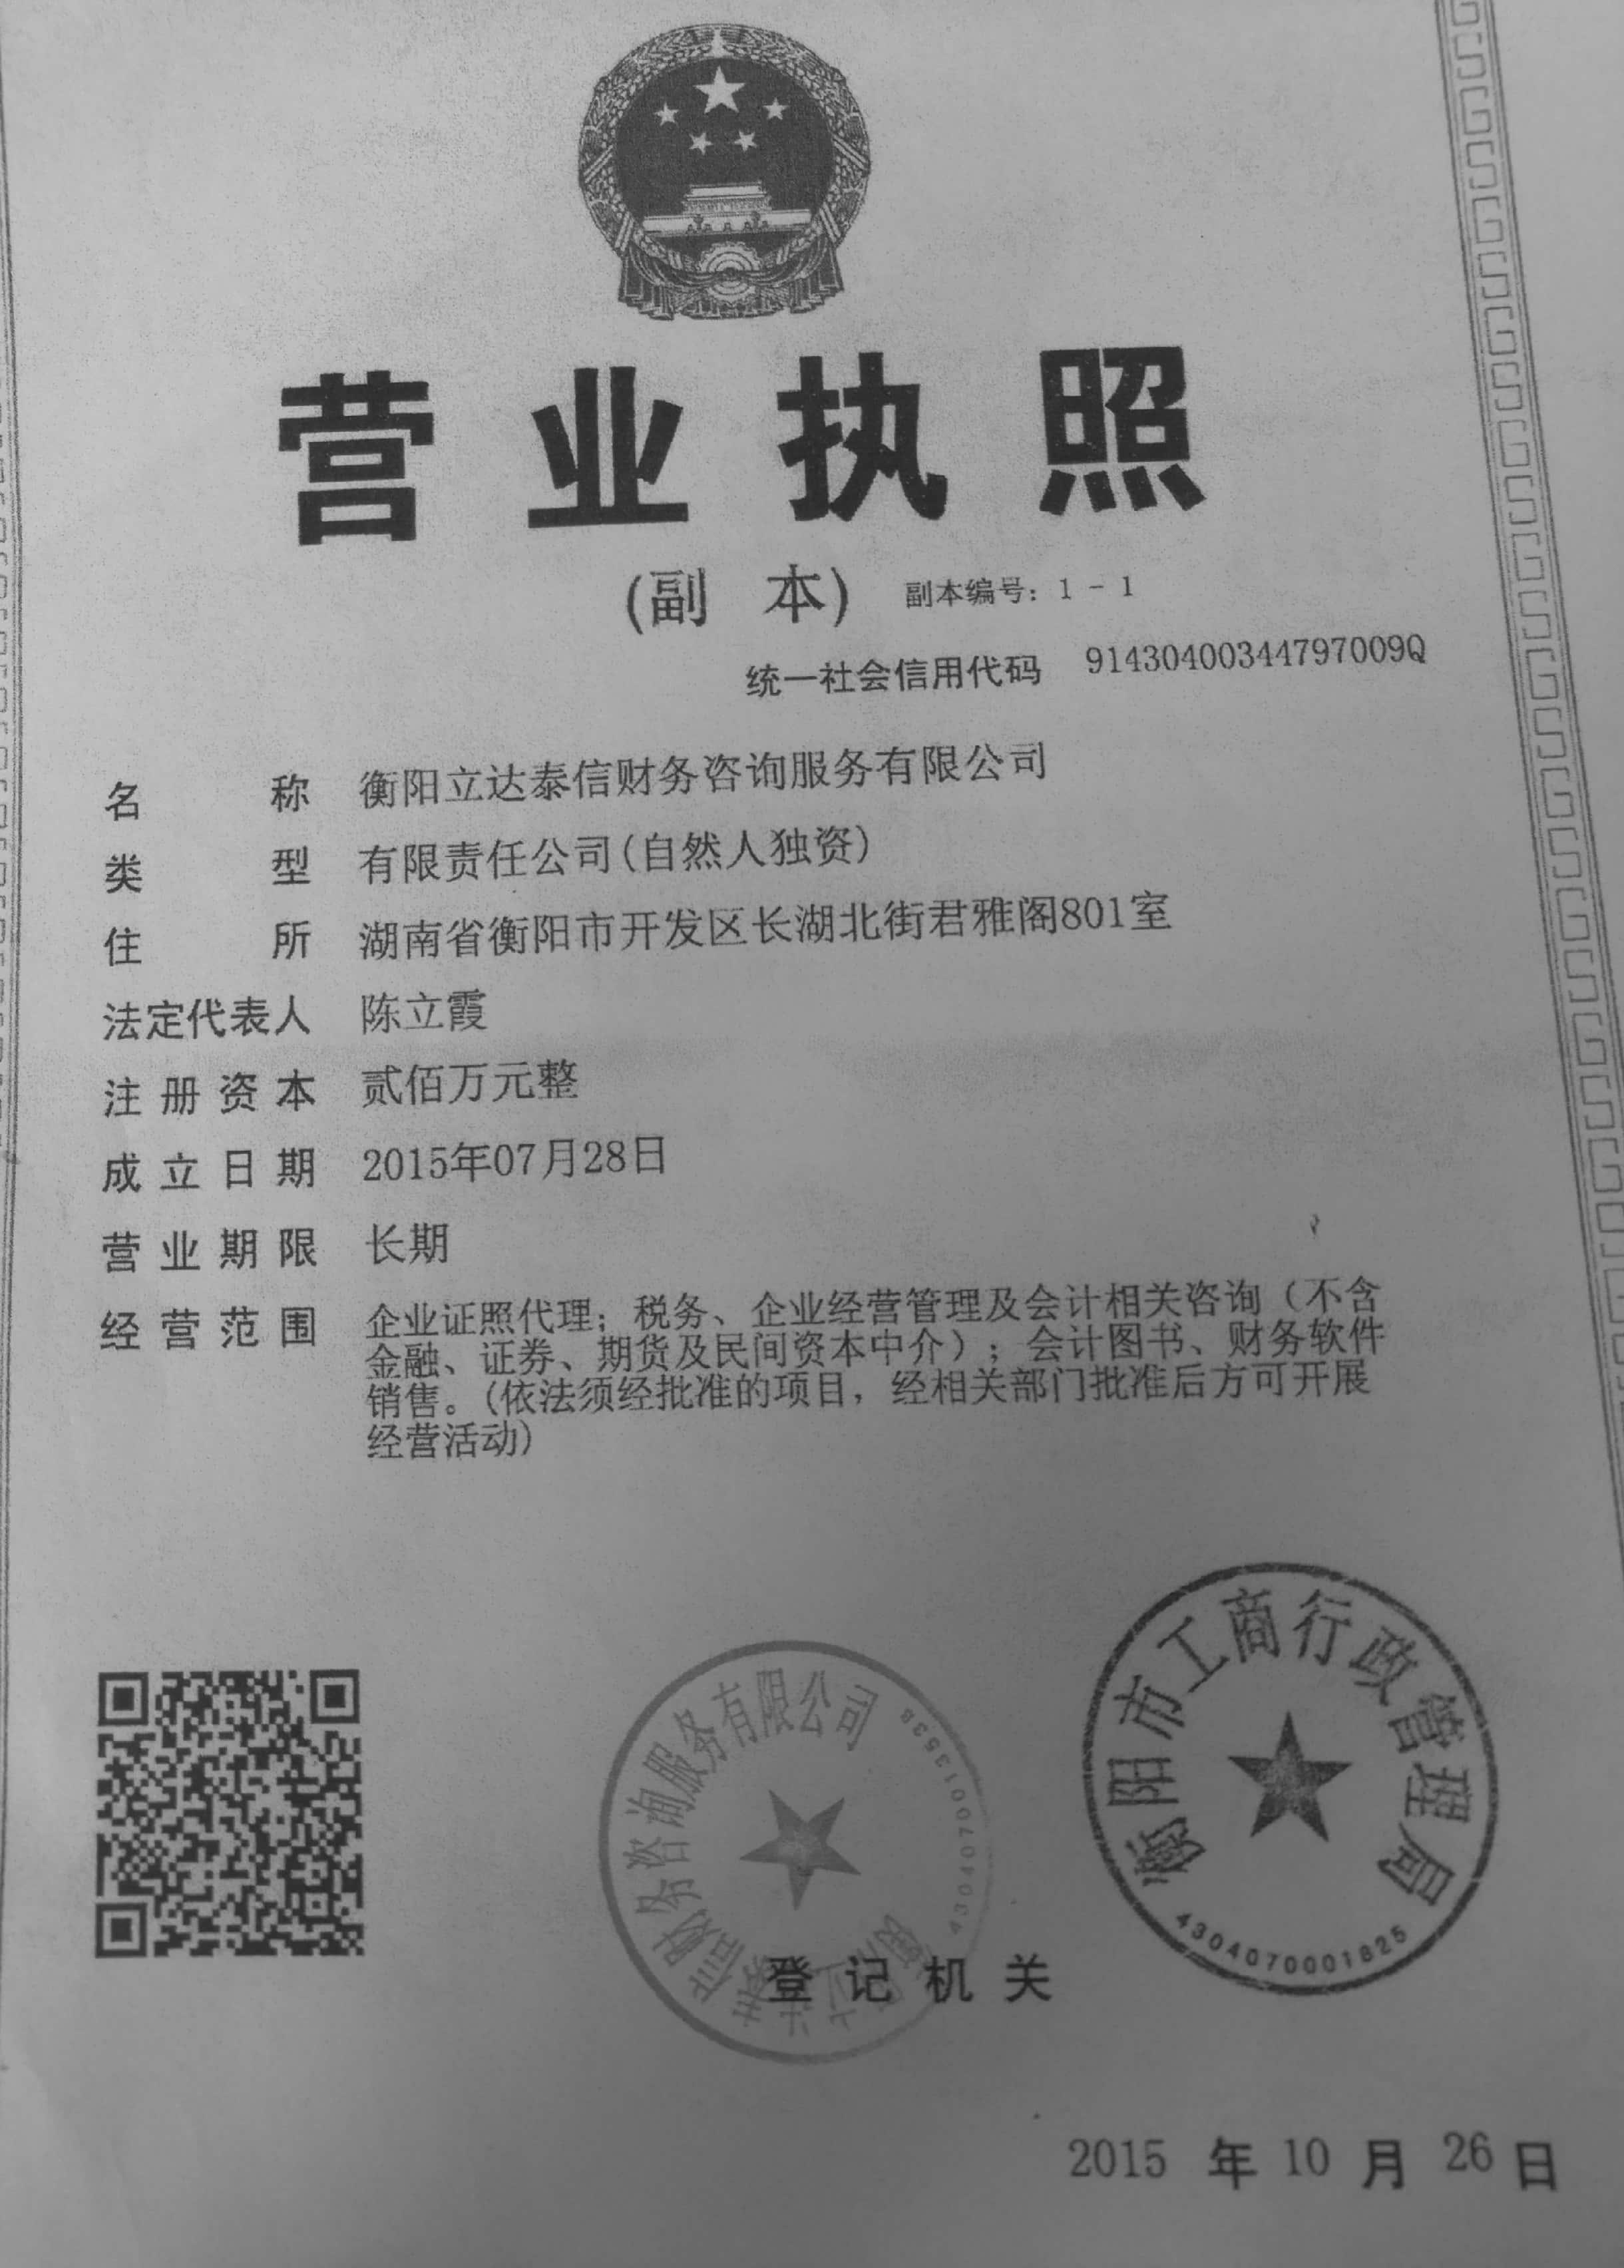 衡阳立达泰信财税咨询服务有限公司